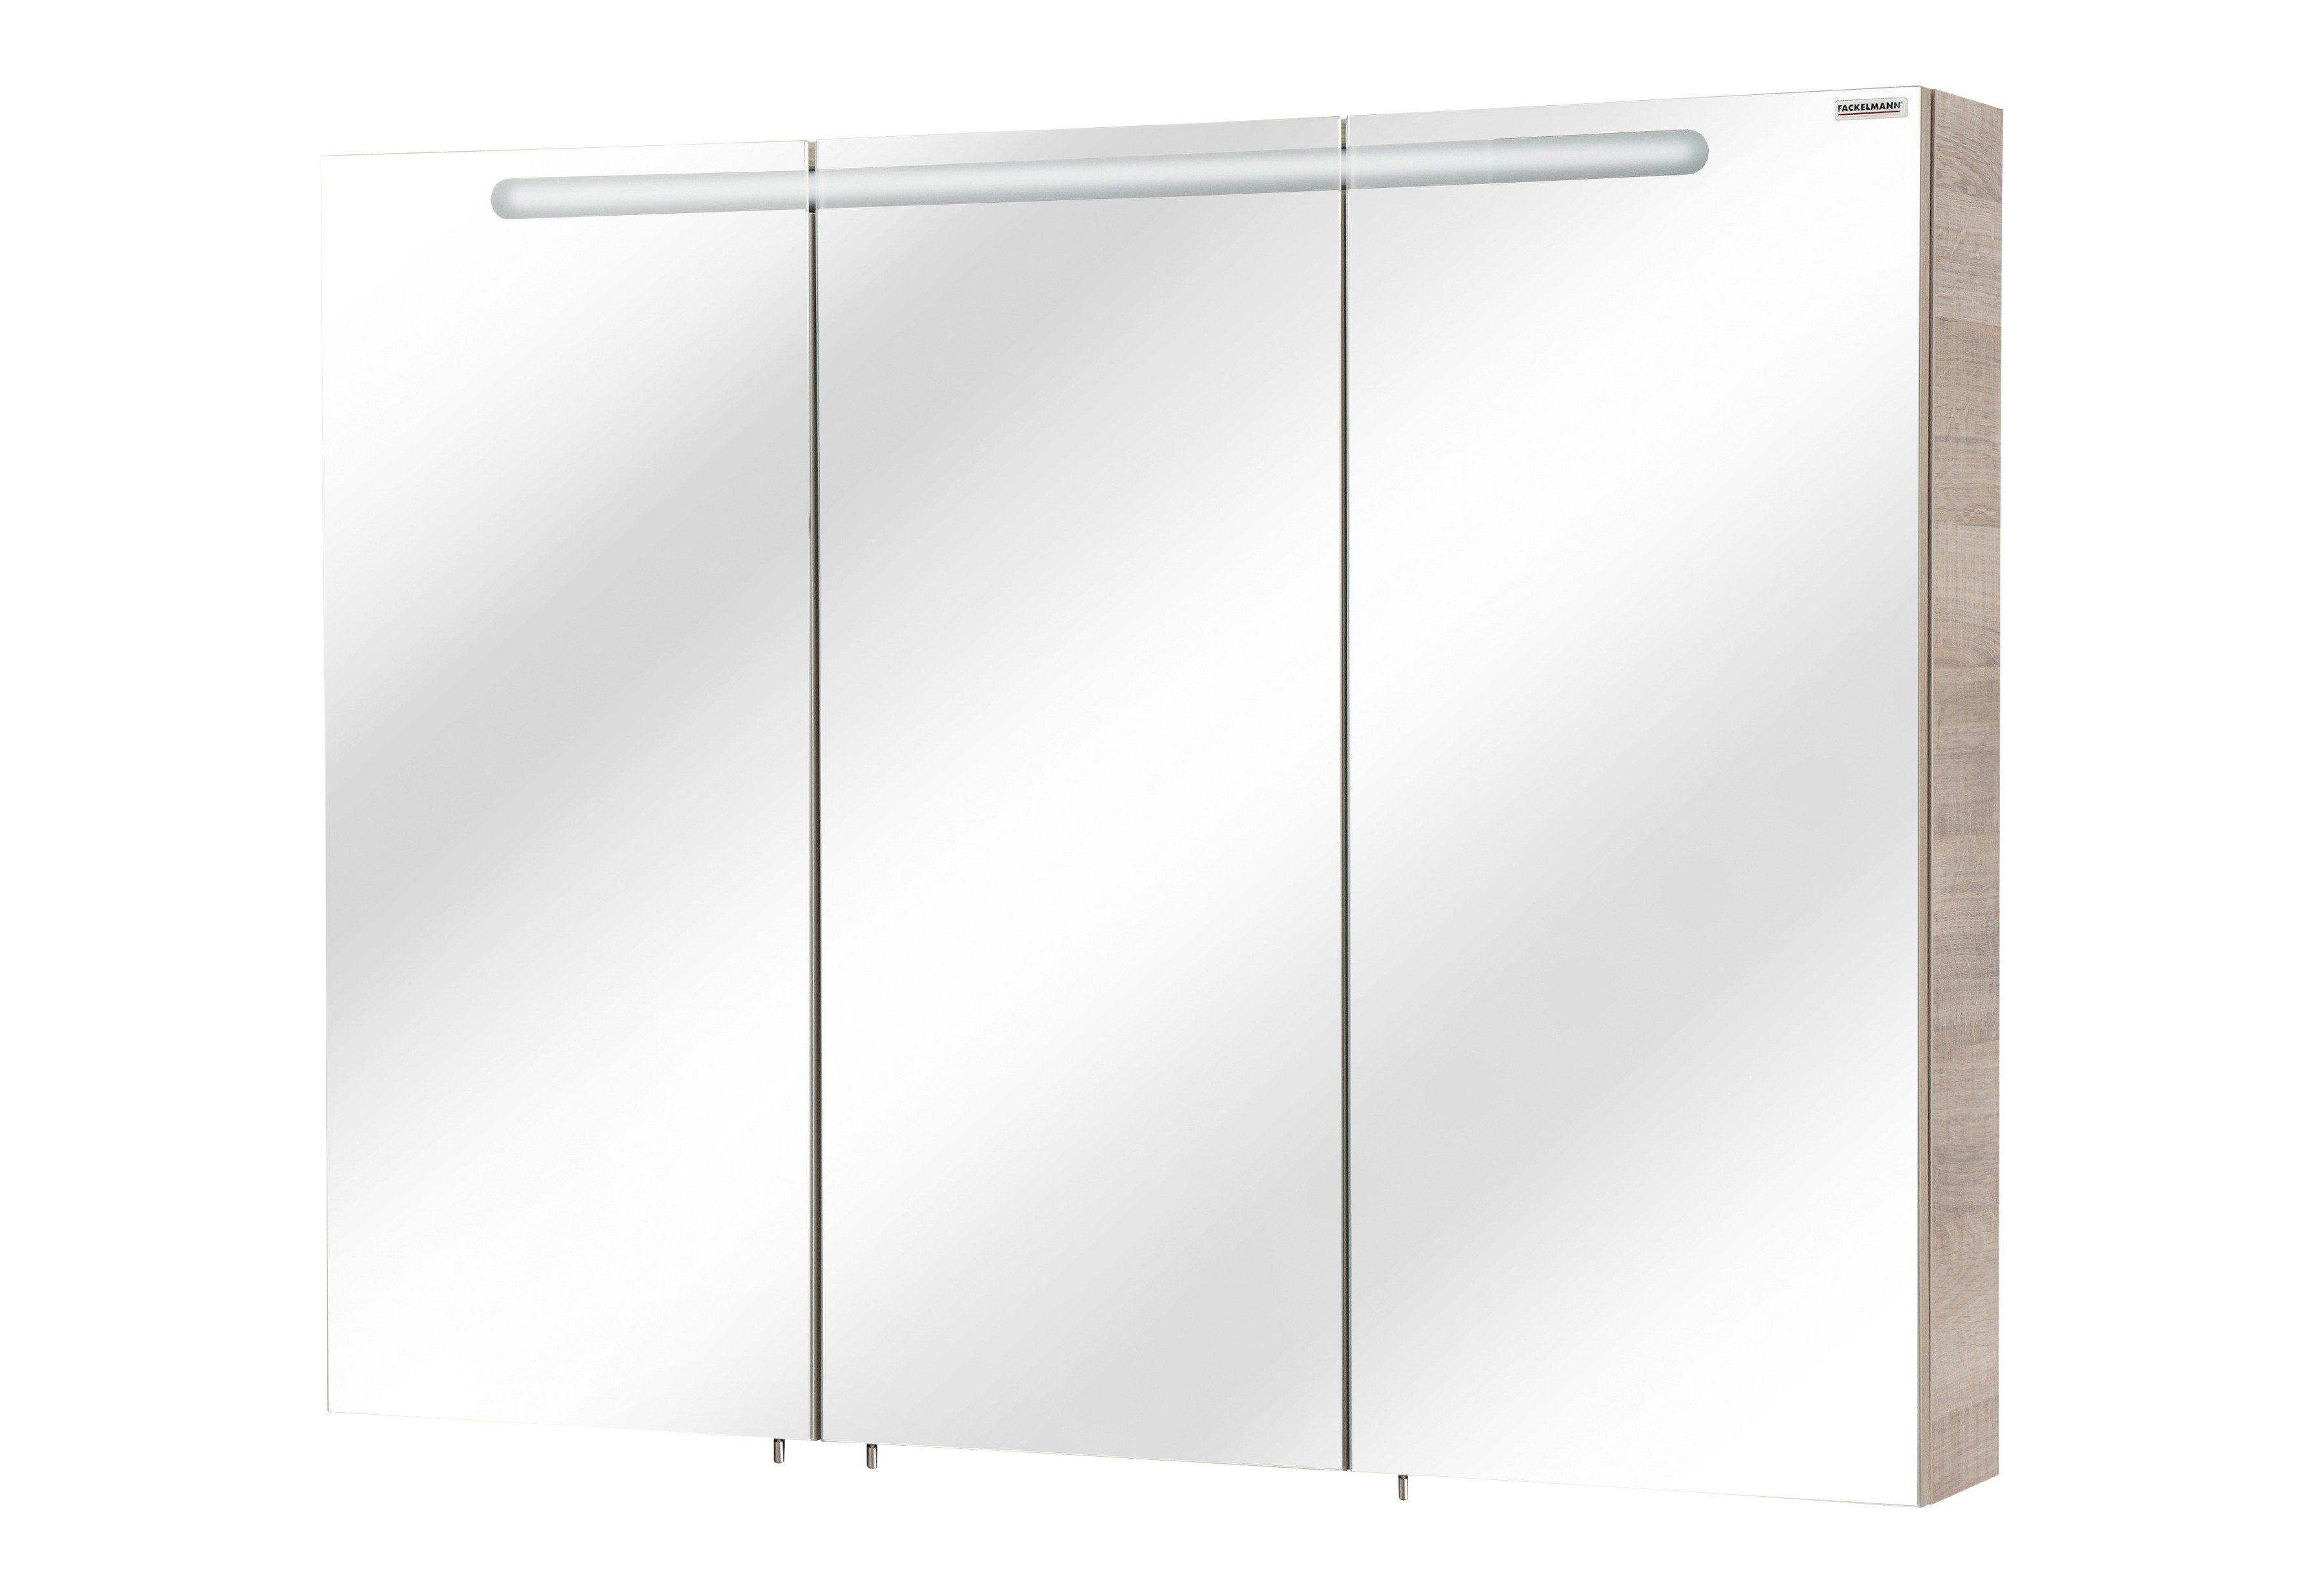 Fackelmann Spiegelschrank »A-Vero« Breite 105 cm, mit Beleuchtung